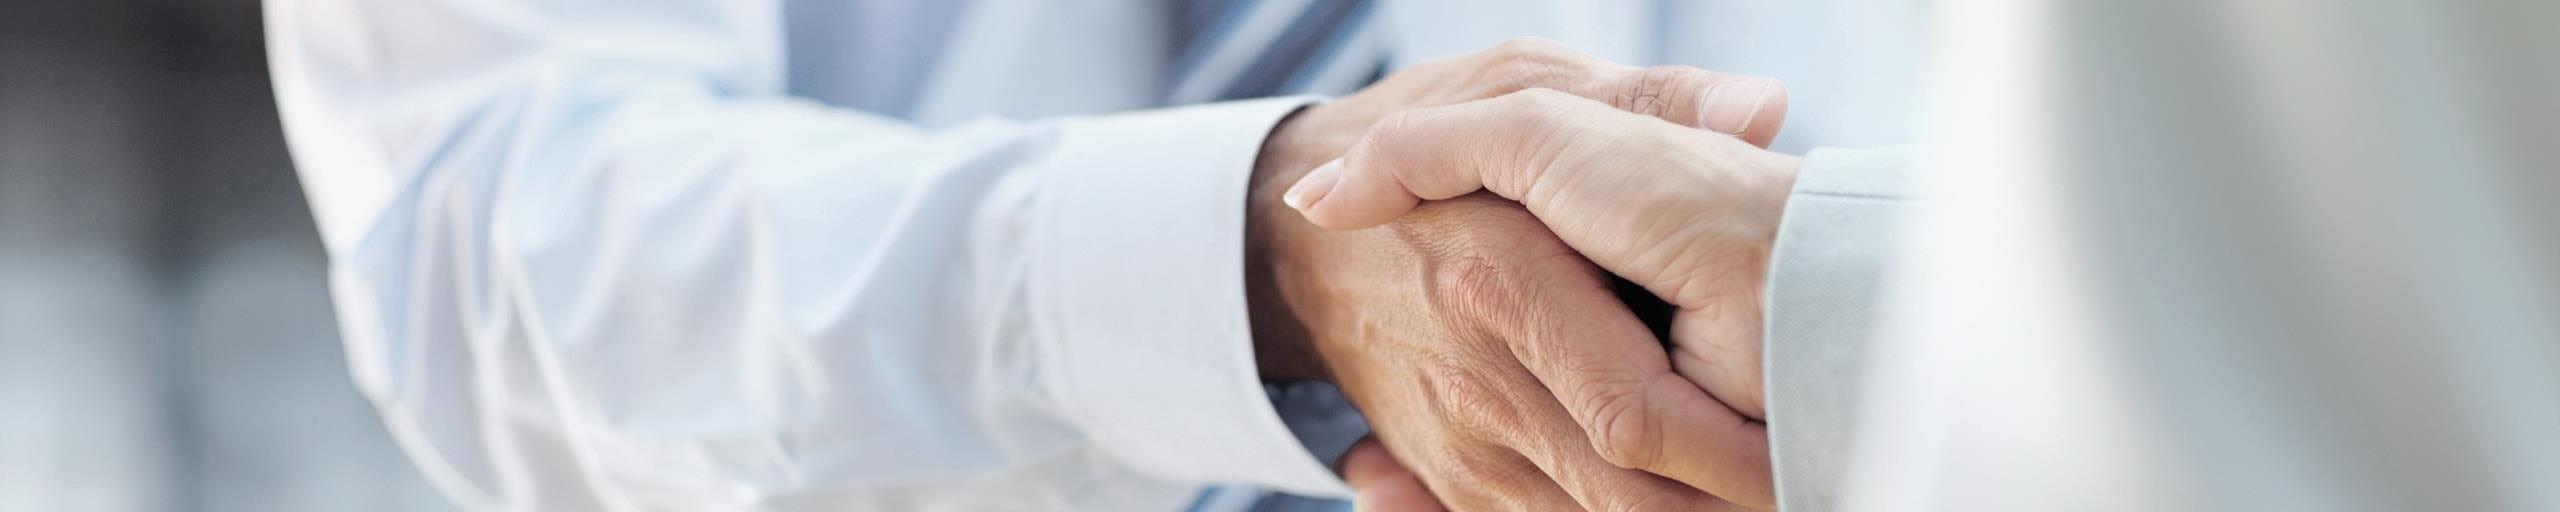 Assicurazione contro gli abusi di fiducia zurich svizzera for Assicurazione domestica